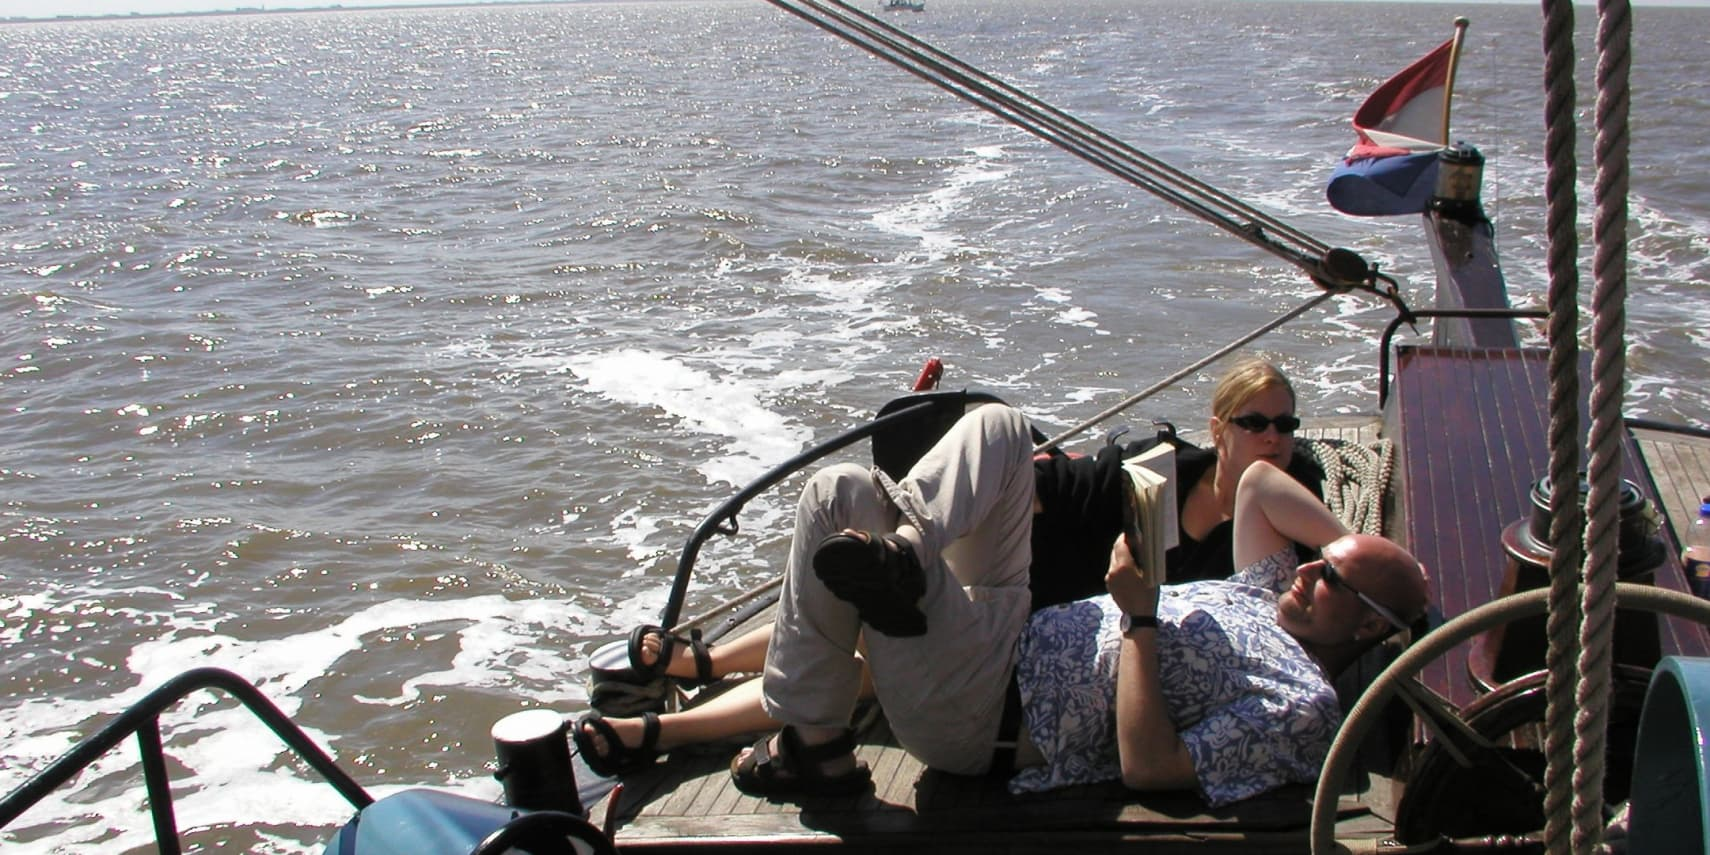 zeilboot met bemanning